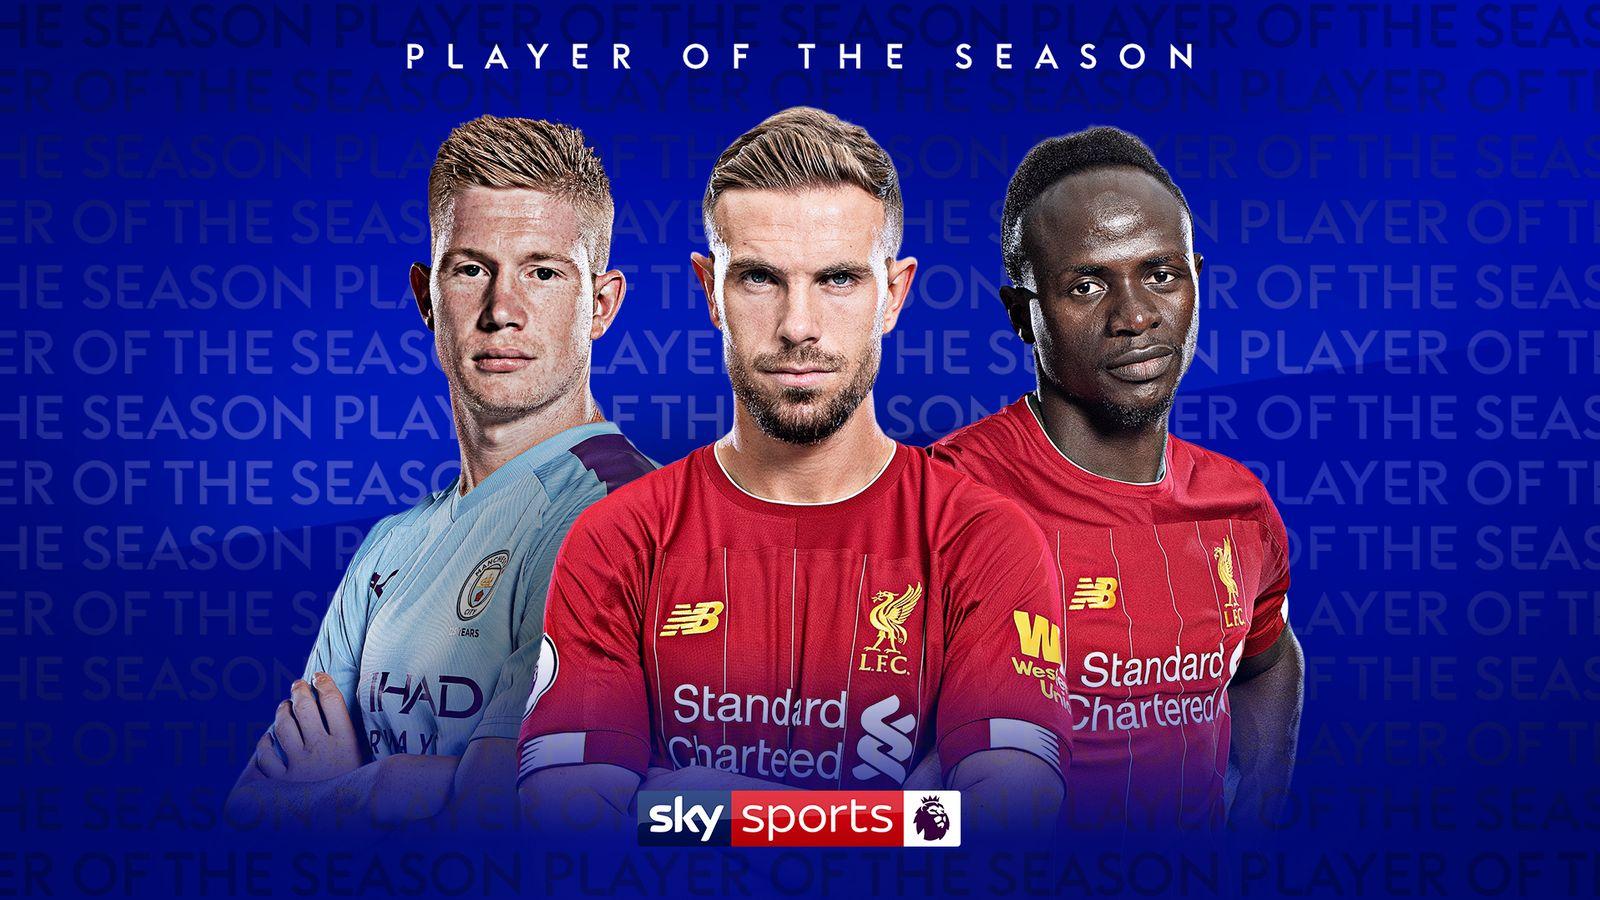 ¿Quién es el jugador de la Premier League de la temporada 2019/20? El | Noticias de futbol 56